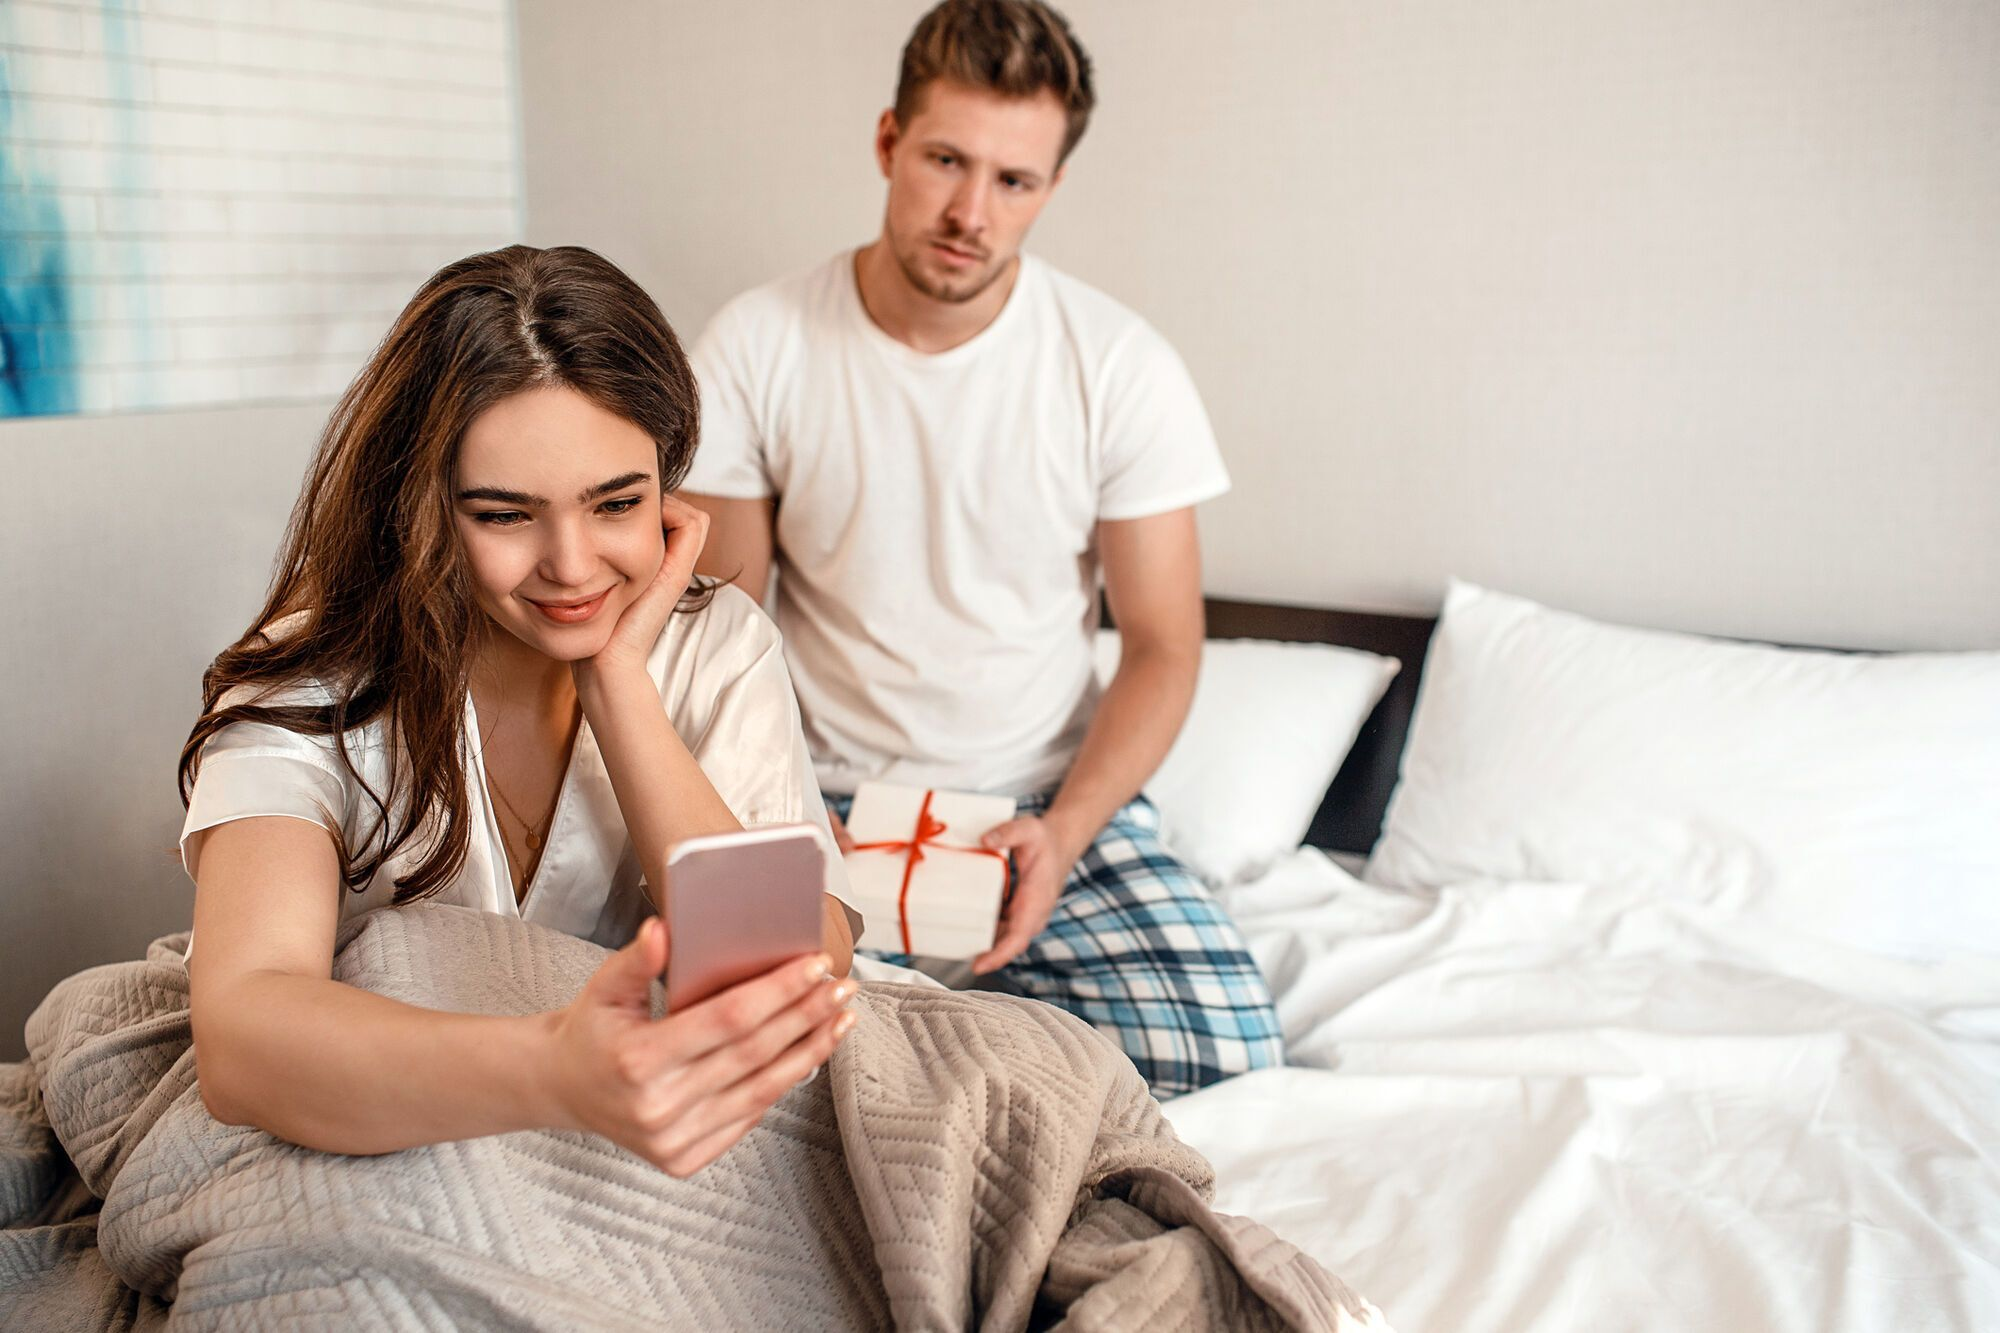 Названы несексуальные детали, которые возбуждают мужчин